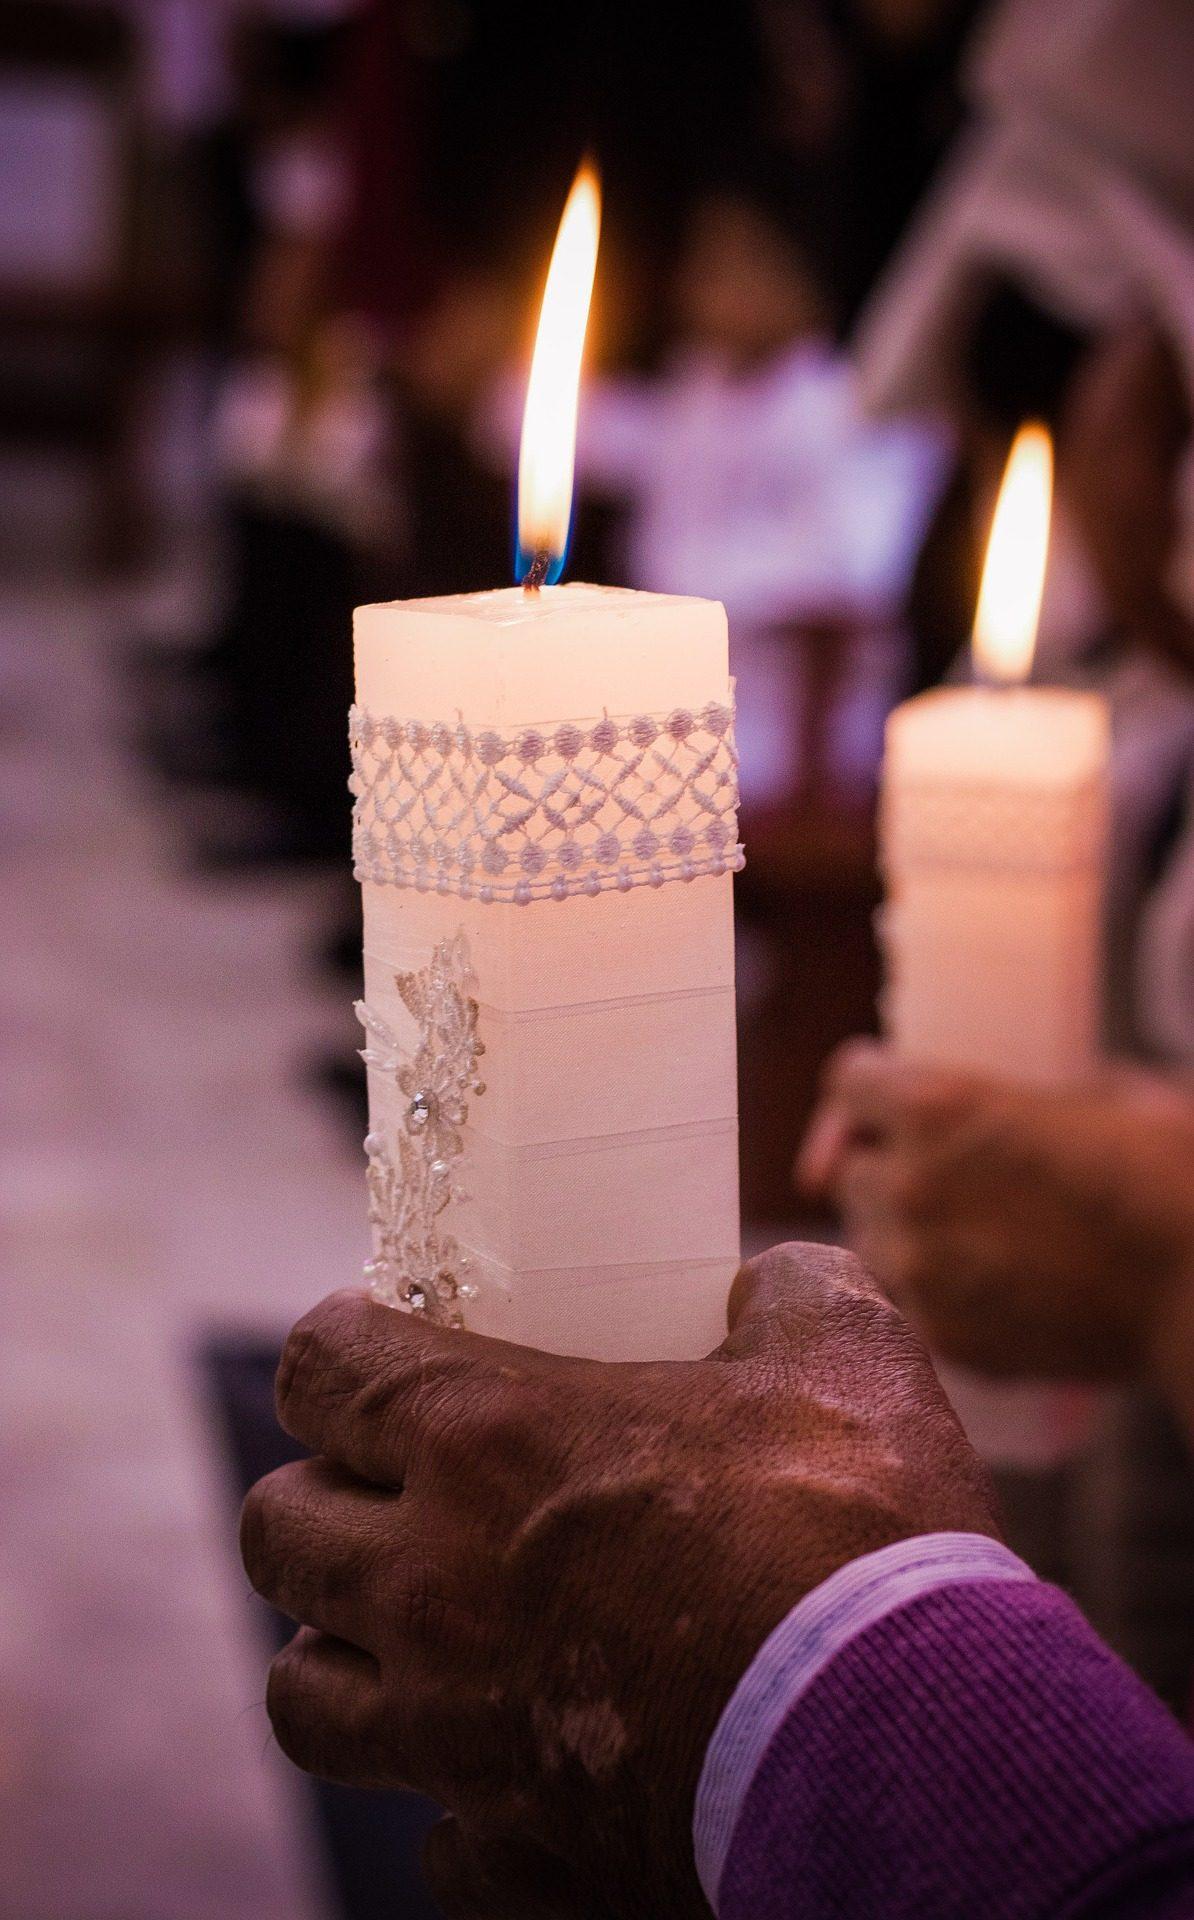 الشموع, الشعلة, شمع, أيدي, الحرارة, الحريق - خلفيات عالية الدقة - أستاذ falken.com